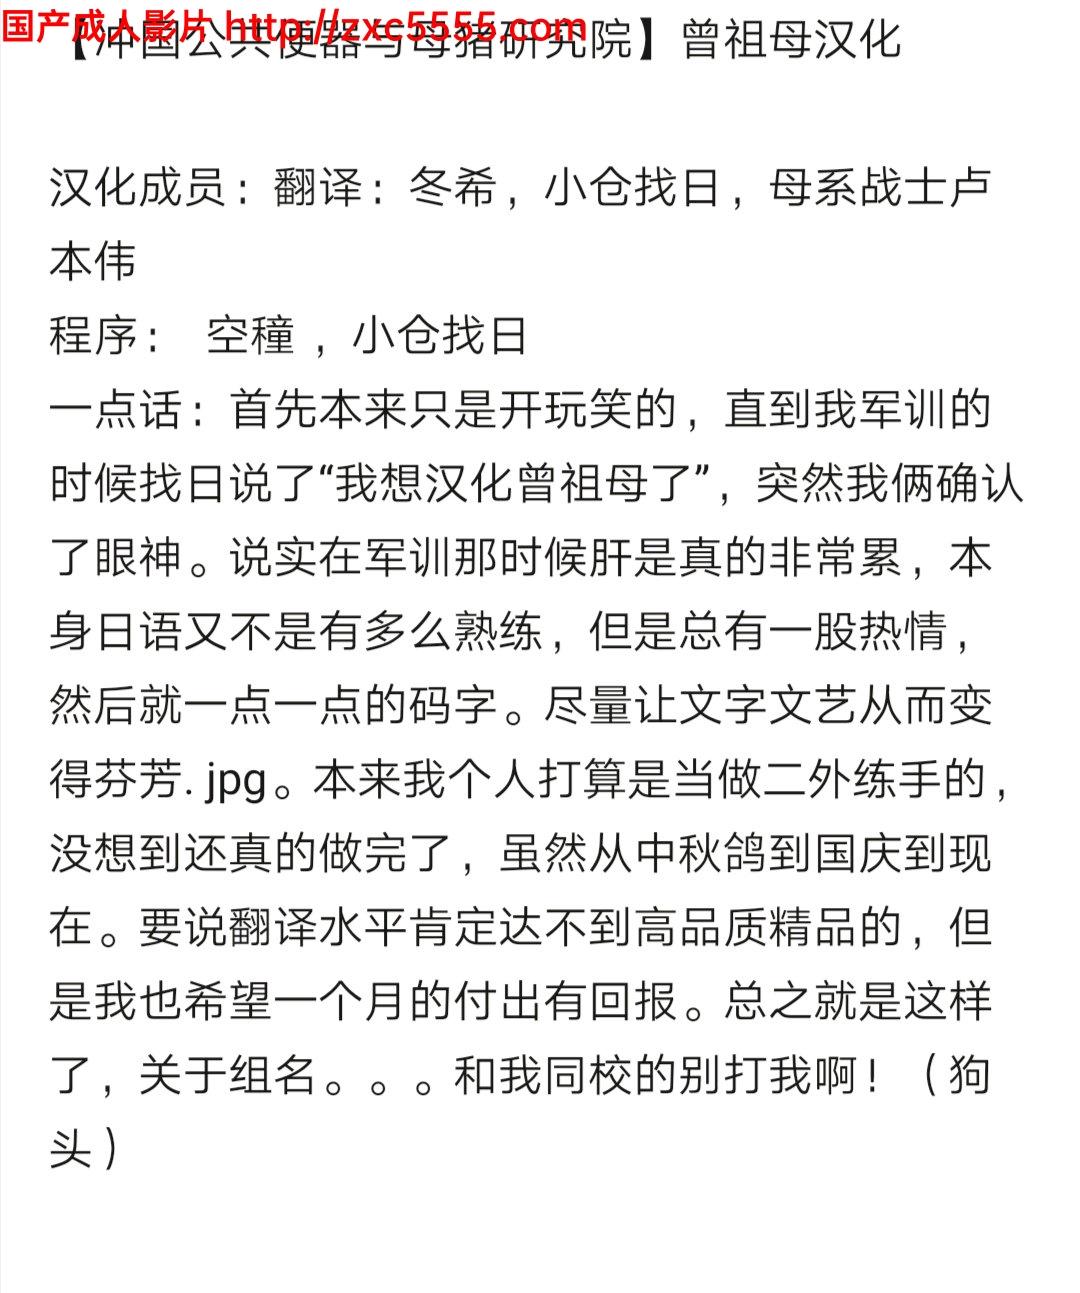 曾祖母V1.0汉化版【400M/超社保ADV/汉化/神仙老爷车】10-15-06